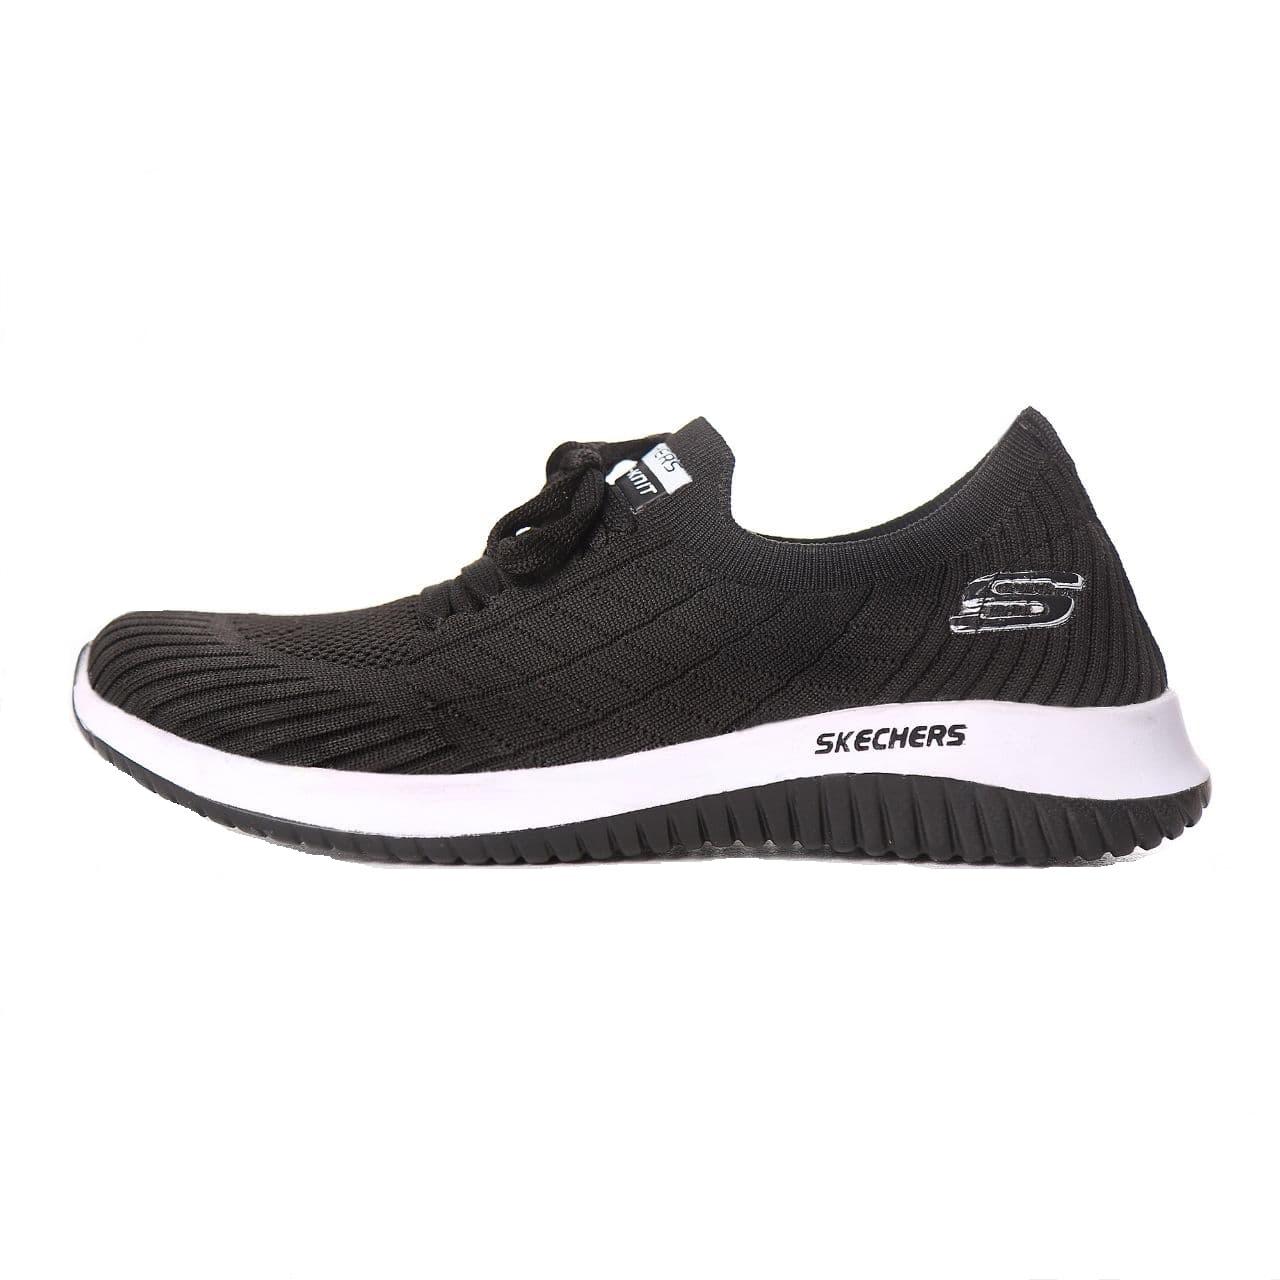 خرید                                      کفش پیاده روی زنانه مدل 55                     غیر اصل